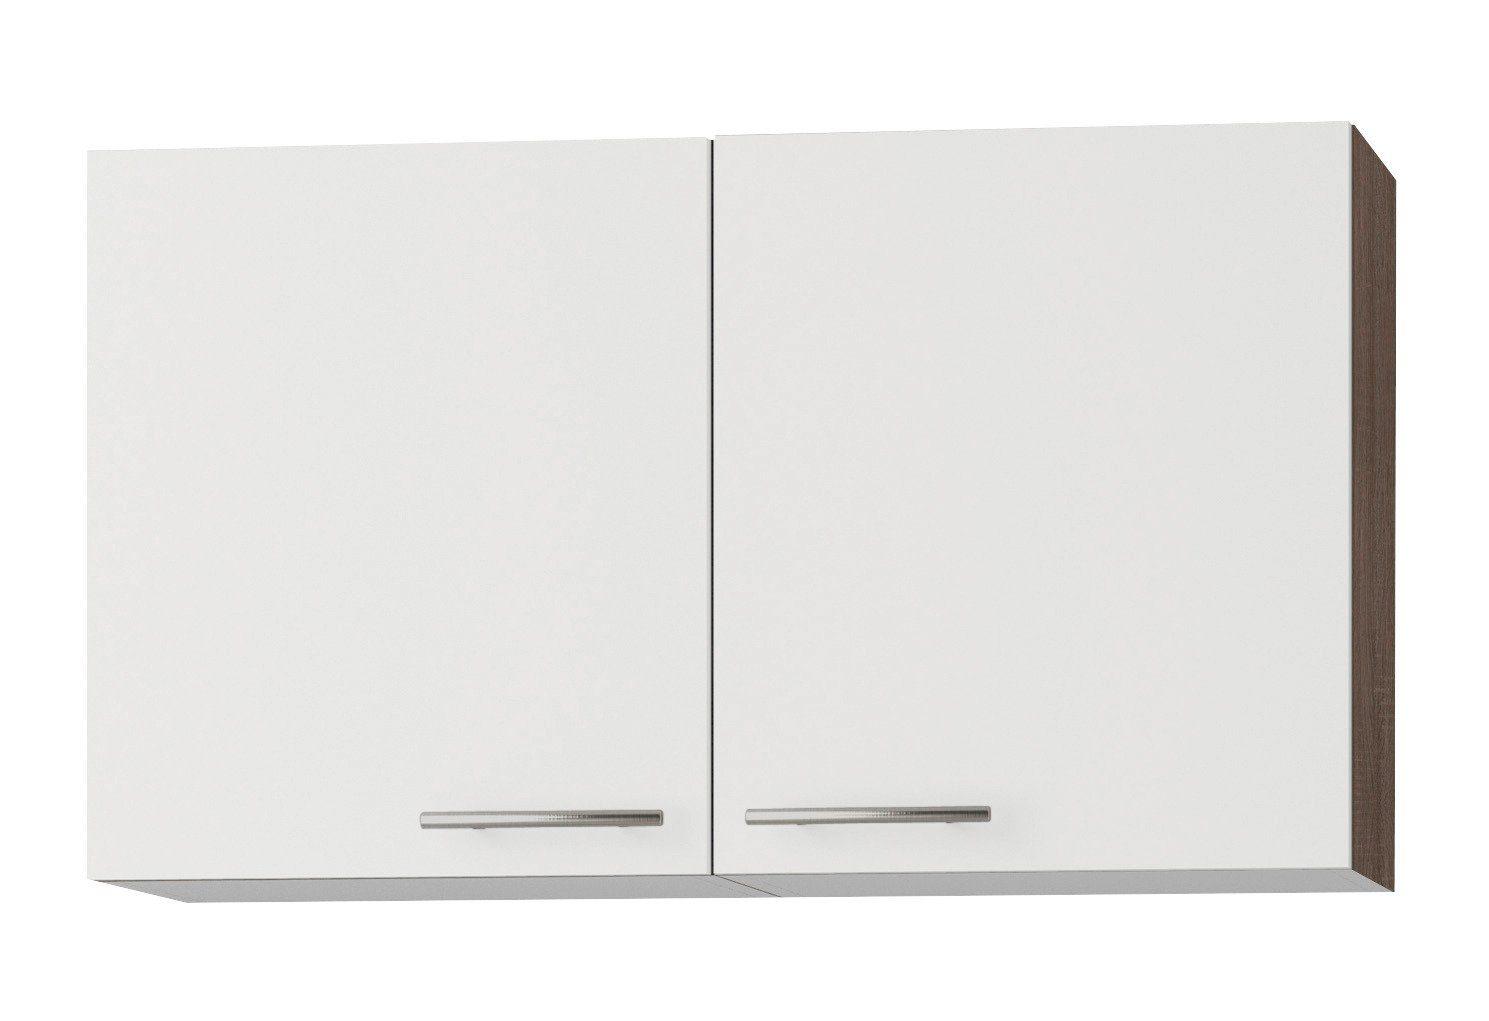 Optifit Küchenhängeschrank »Rabat«, Breite 100 cm